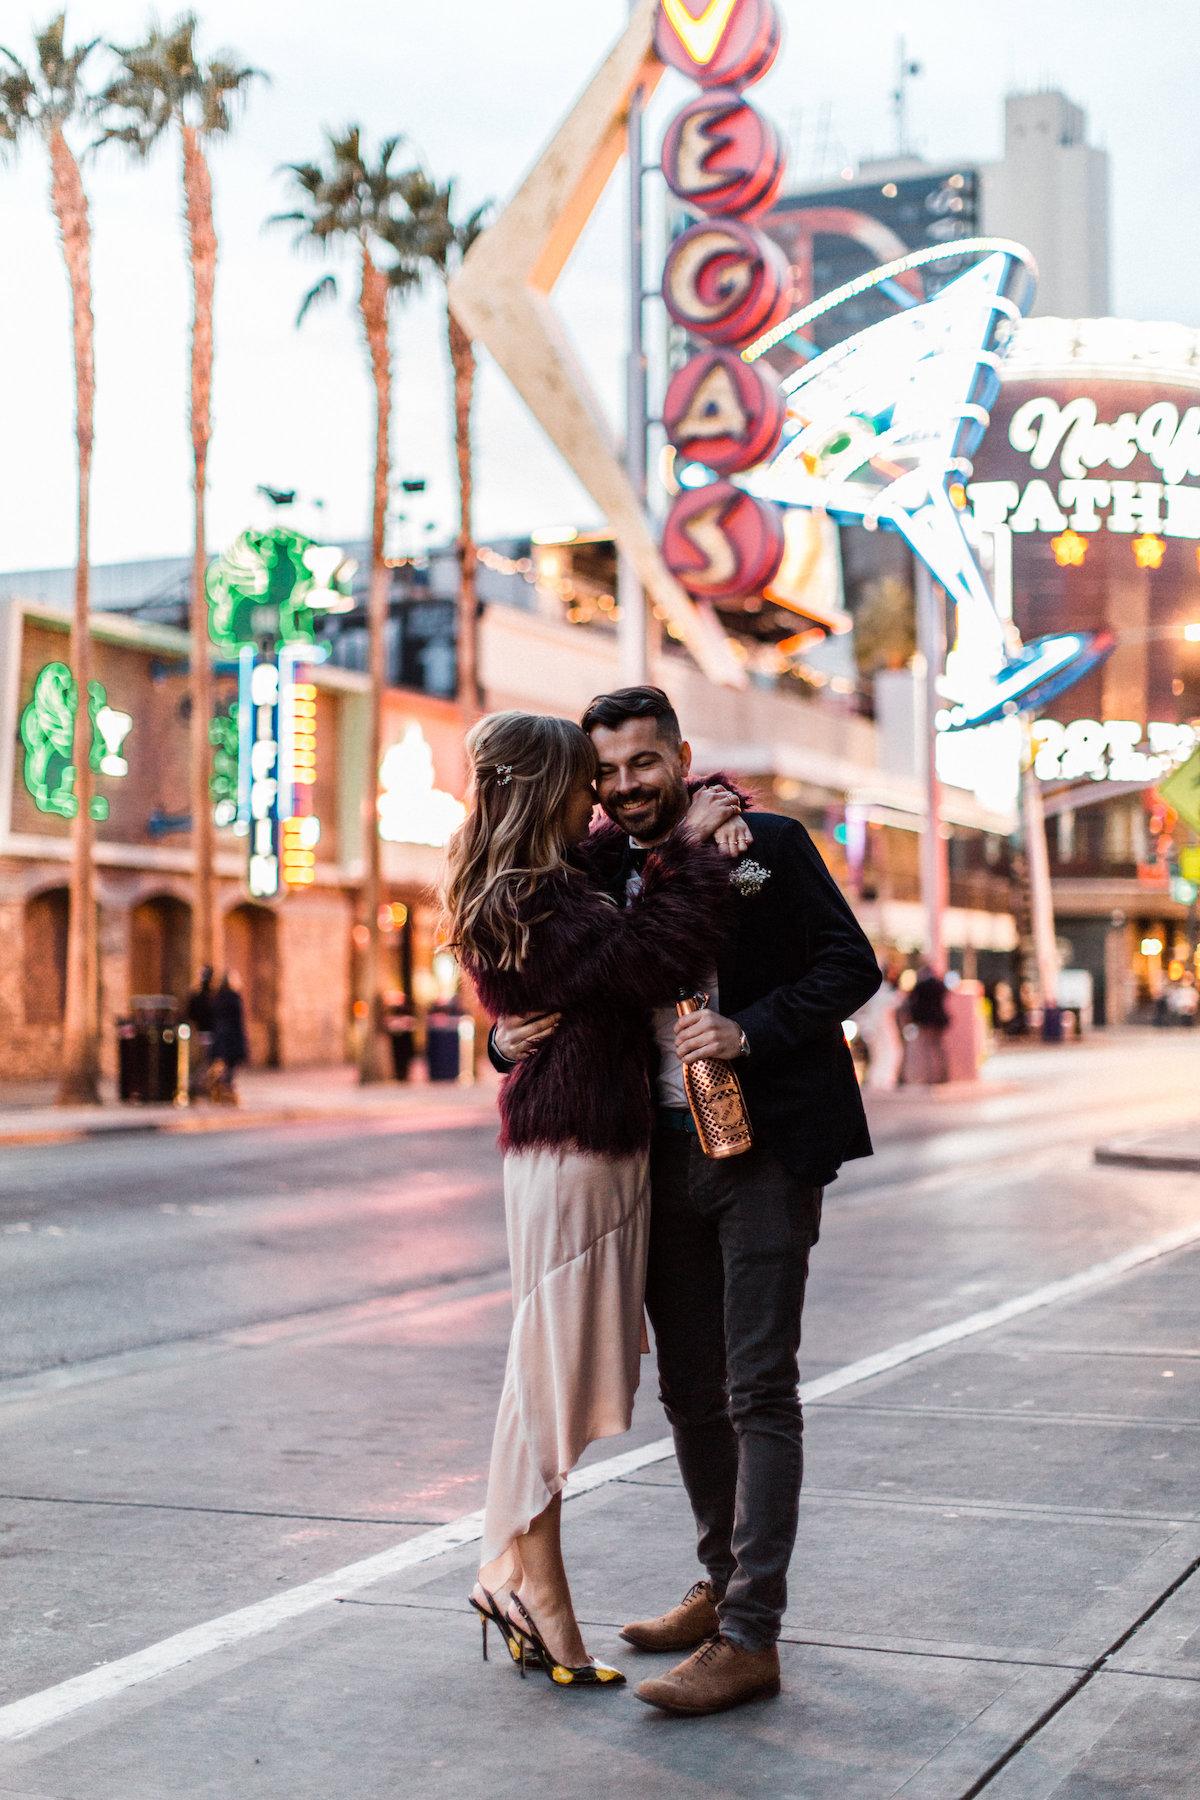 Huwelijksreis in Las Vegas